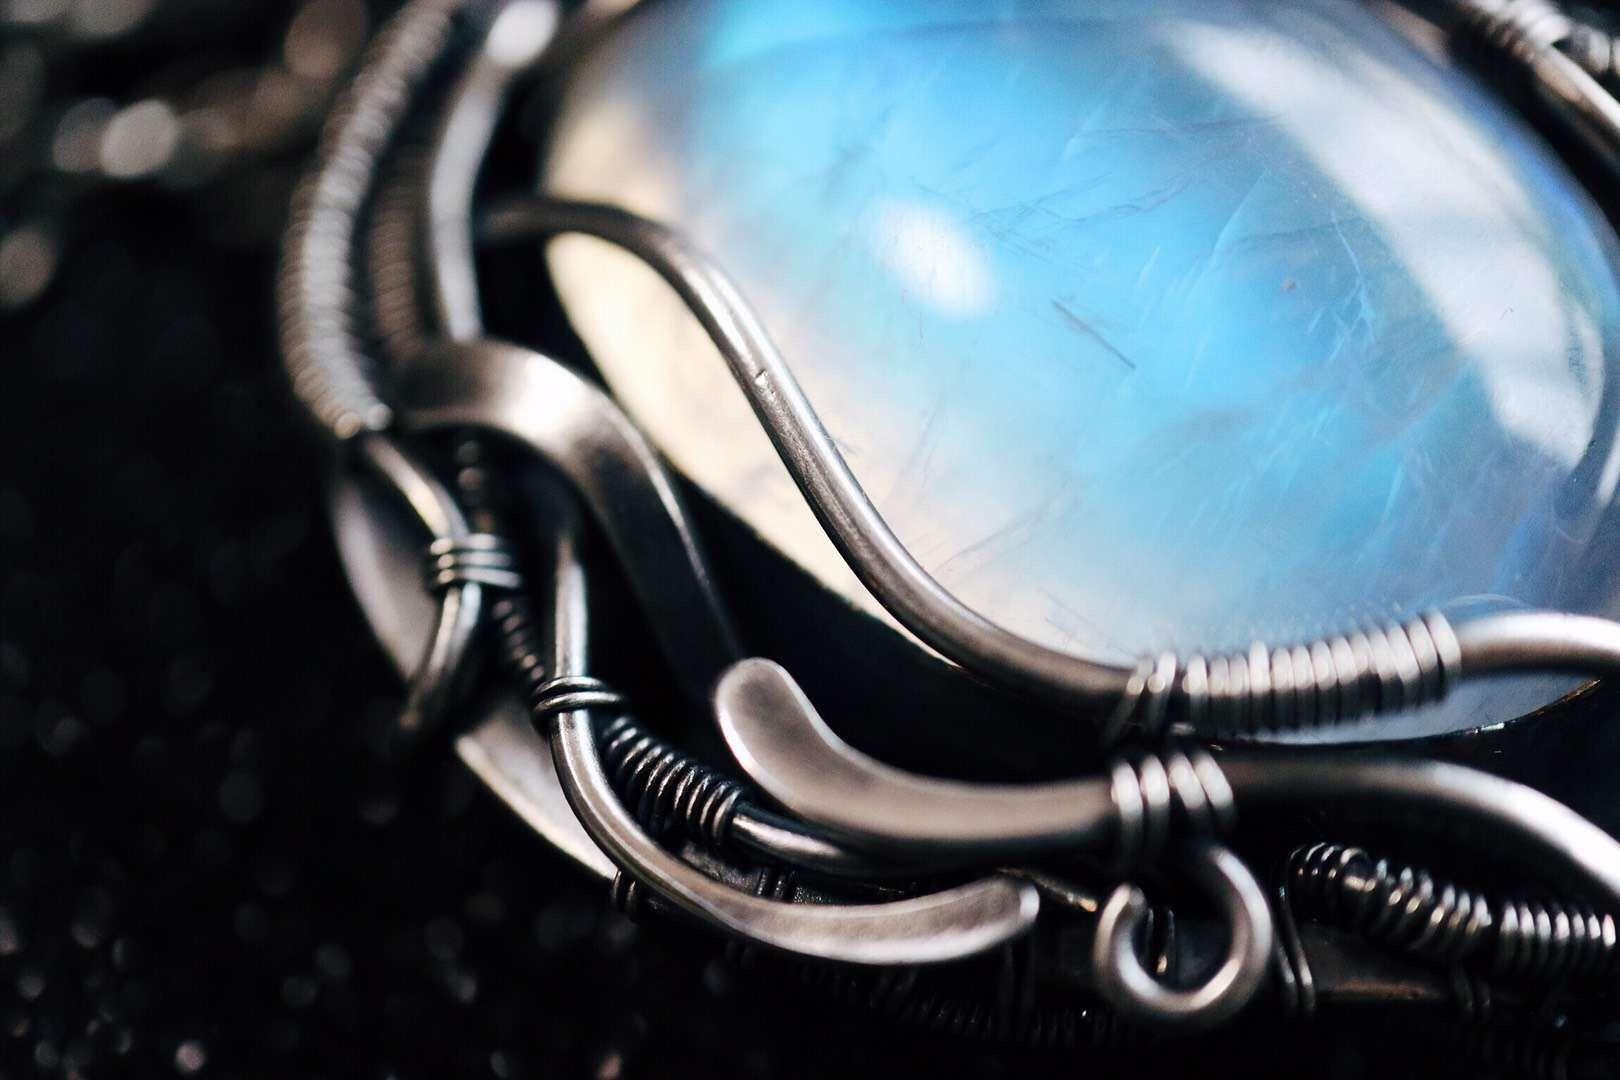 【菩心-月光石】月光石,来自斯里兰卡,是疗愈情绪最好的顶轮晶石。-菩心晶舍